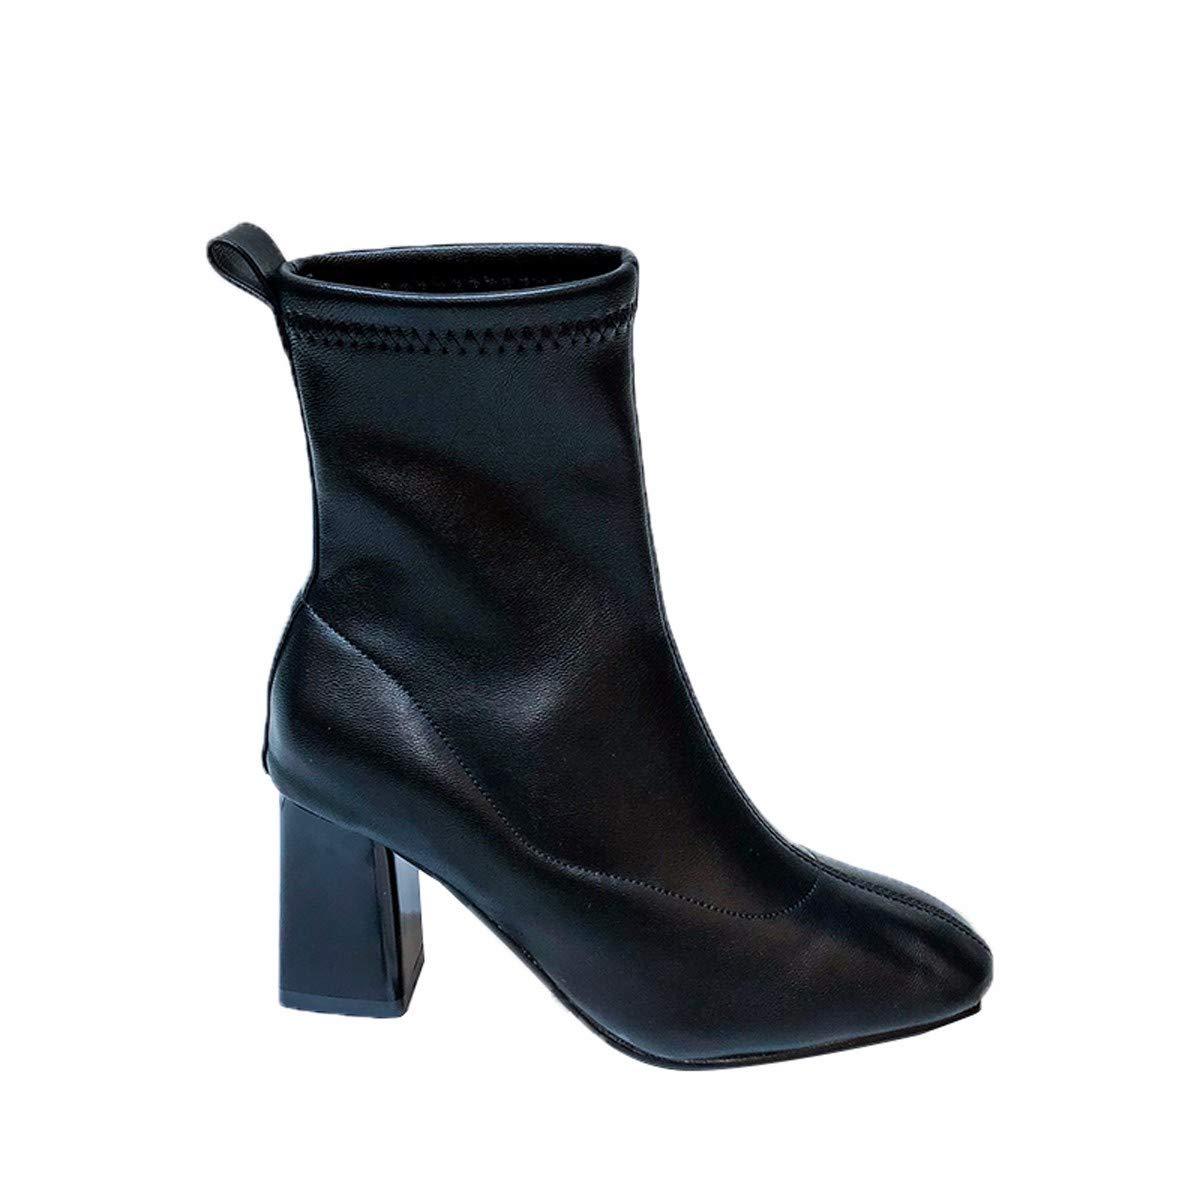 Olici Damen Elegante Arbeits-   Freizeitstiefel schmal hoch 7 cm hoch mit rundem Kopf Dicker Ferse Kurze Stiefel